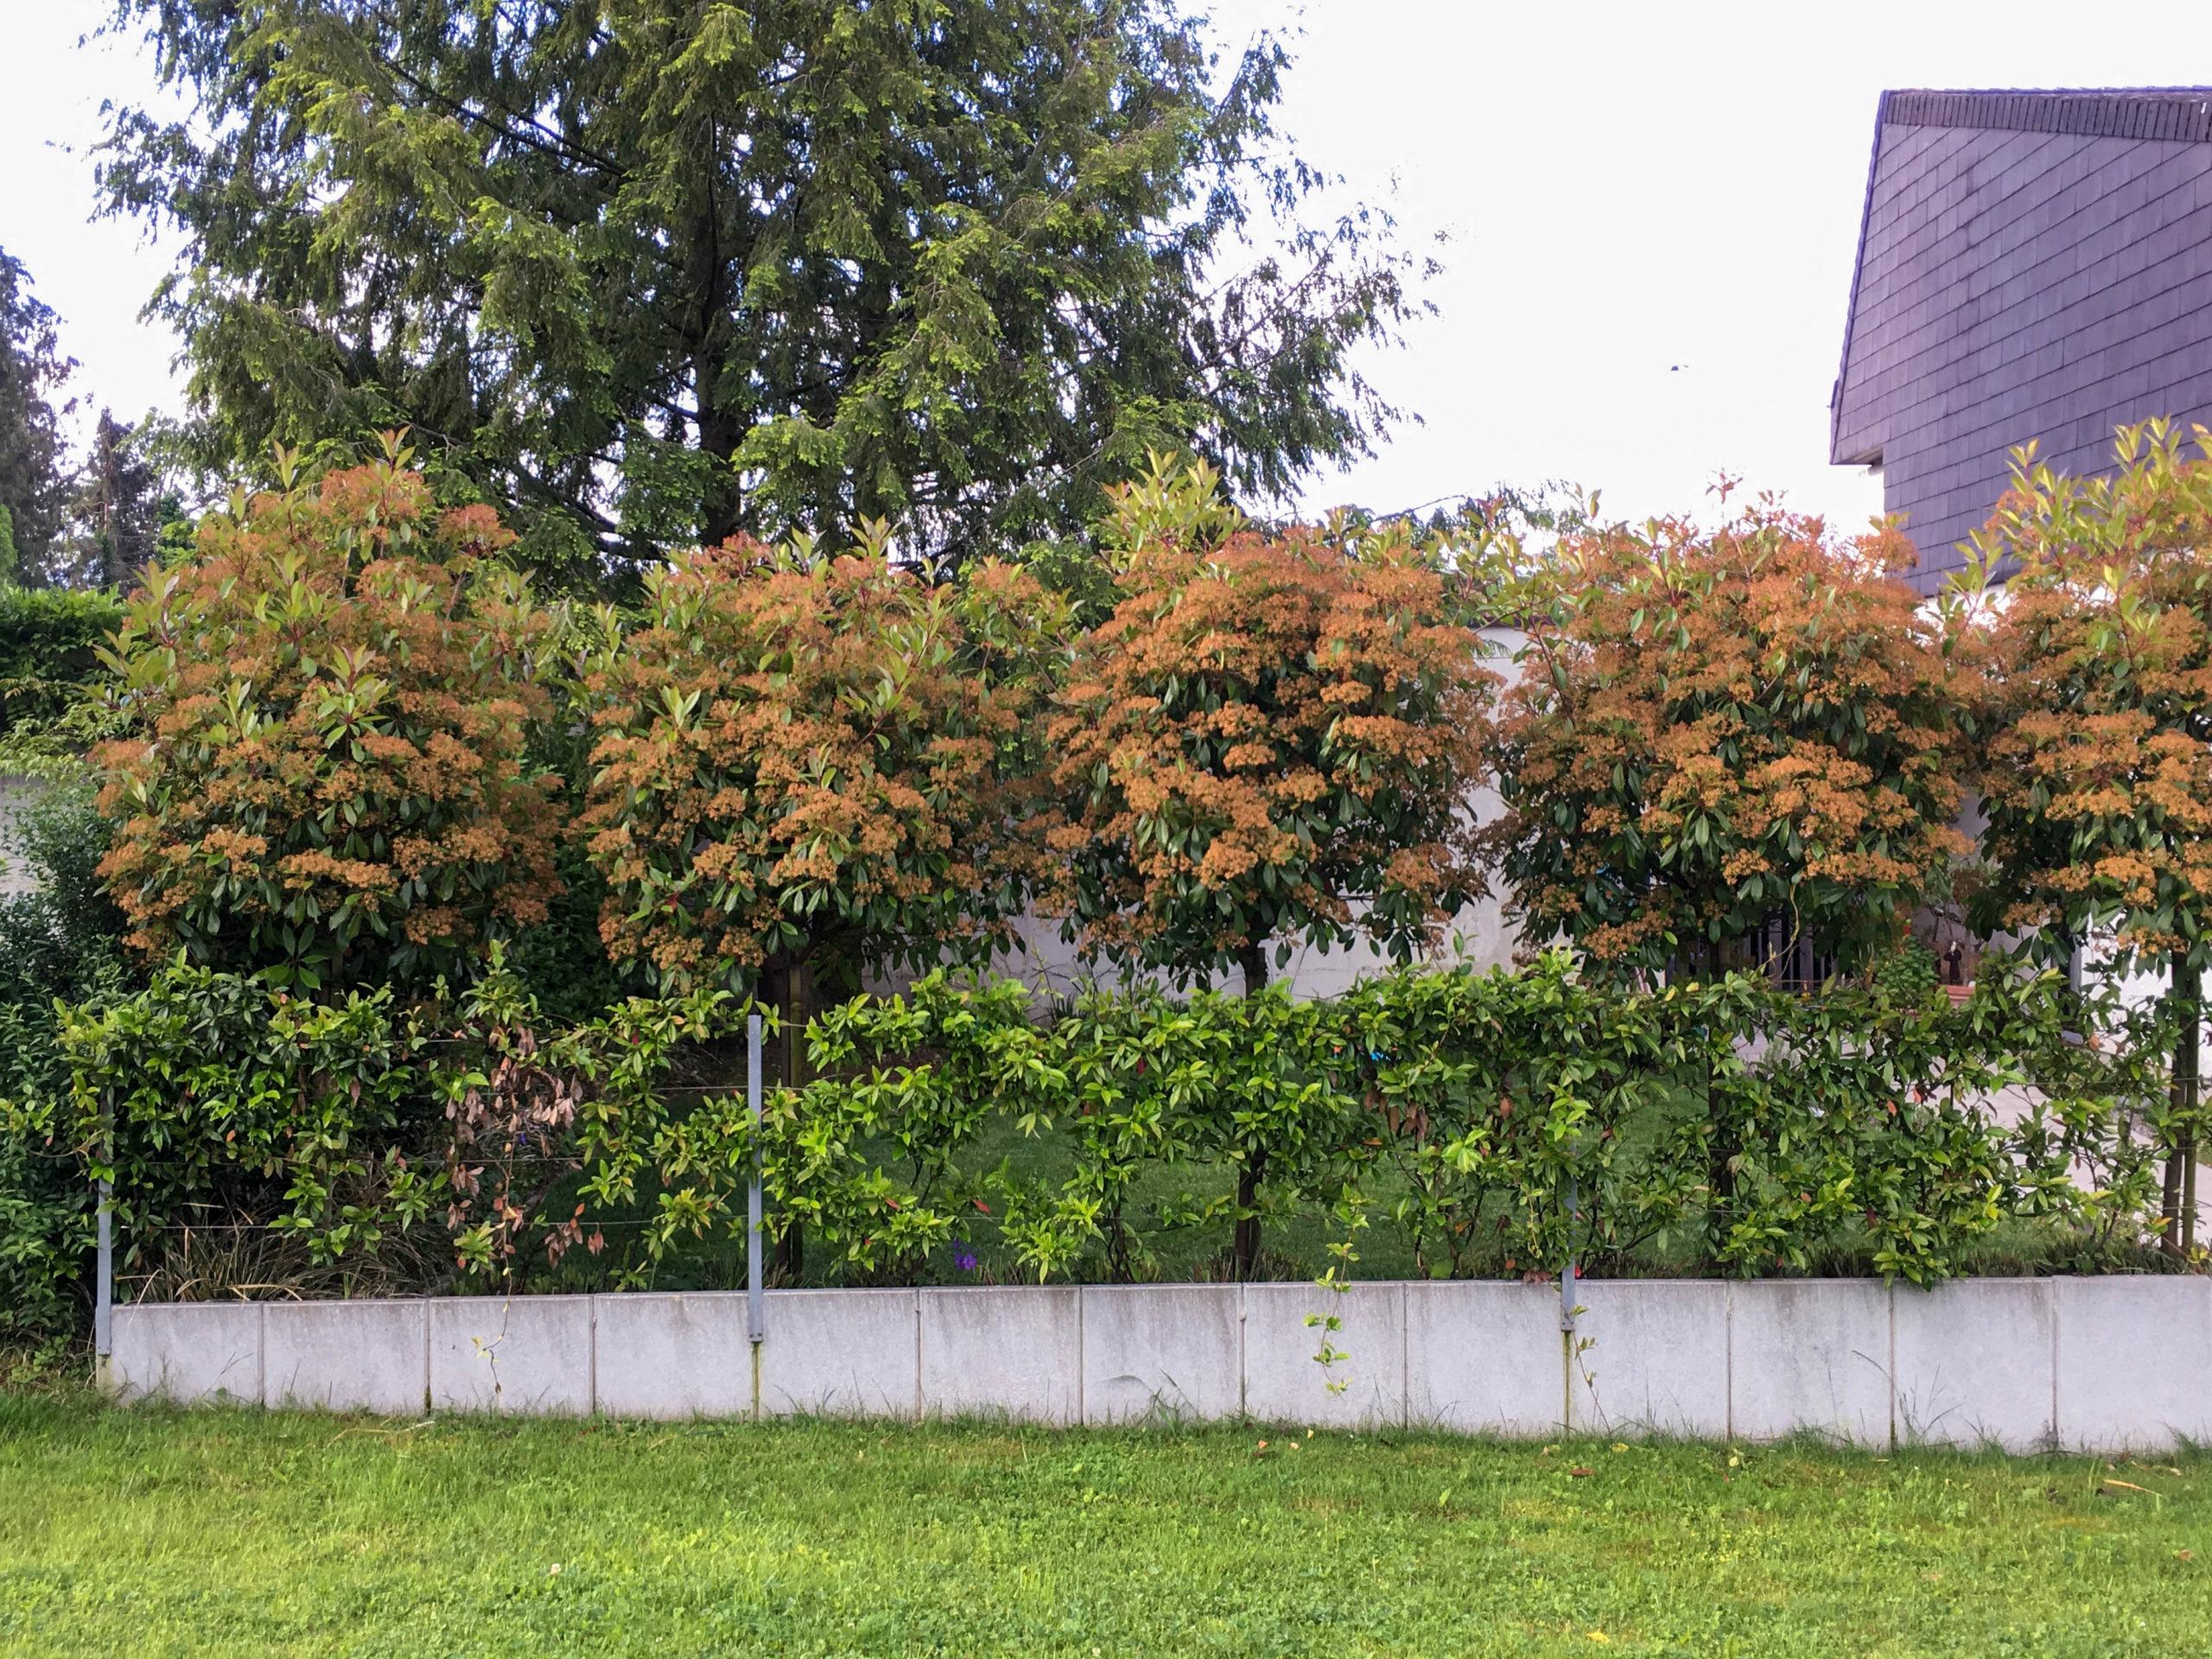 Reihenhausgarten Meggen 07